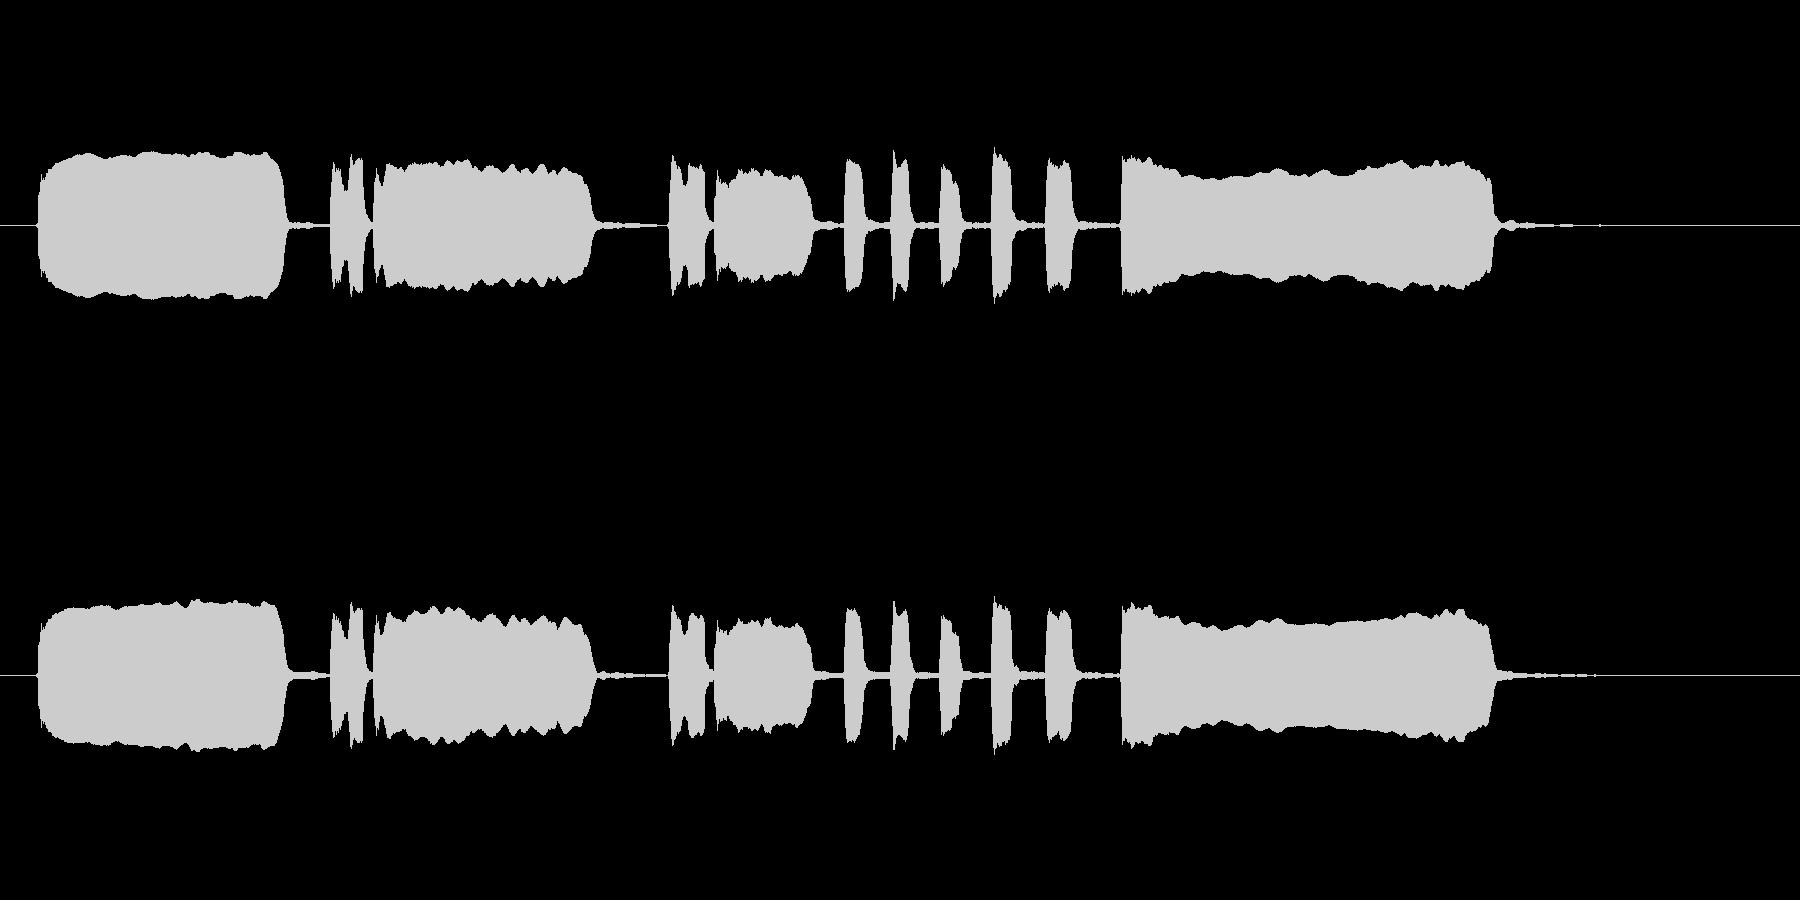 トランペット独奏のファンファーレの未再生の波形